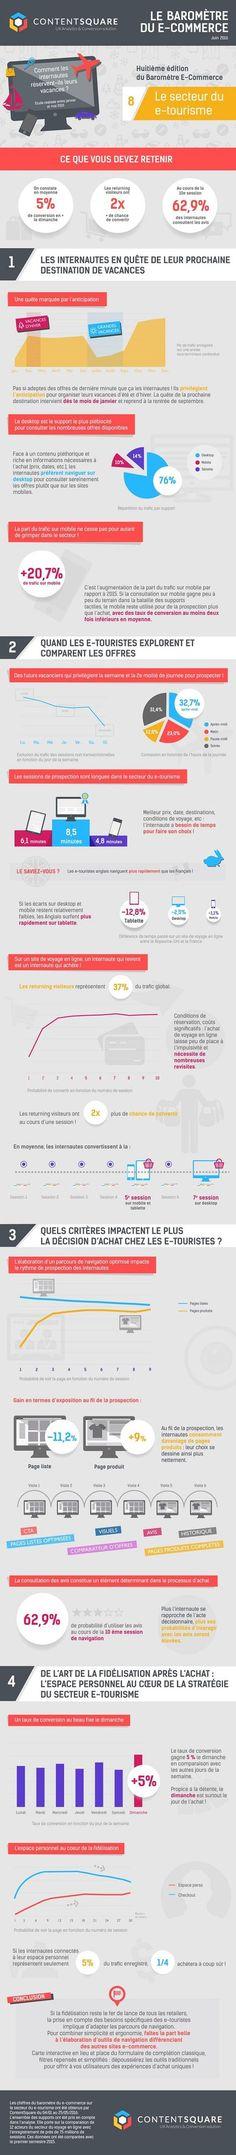 lechotouristique.com -   En comparant les données de 12 acteurs majeurs du voyage en ligne, le spécialiste de l'expérience utilisateur ContentSquare a...